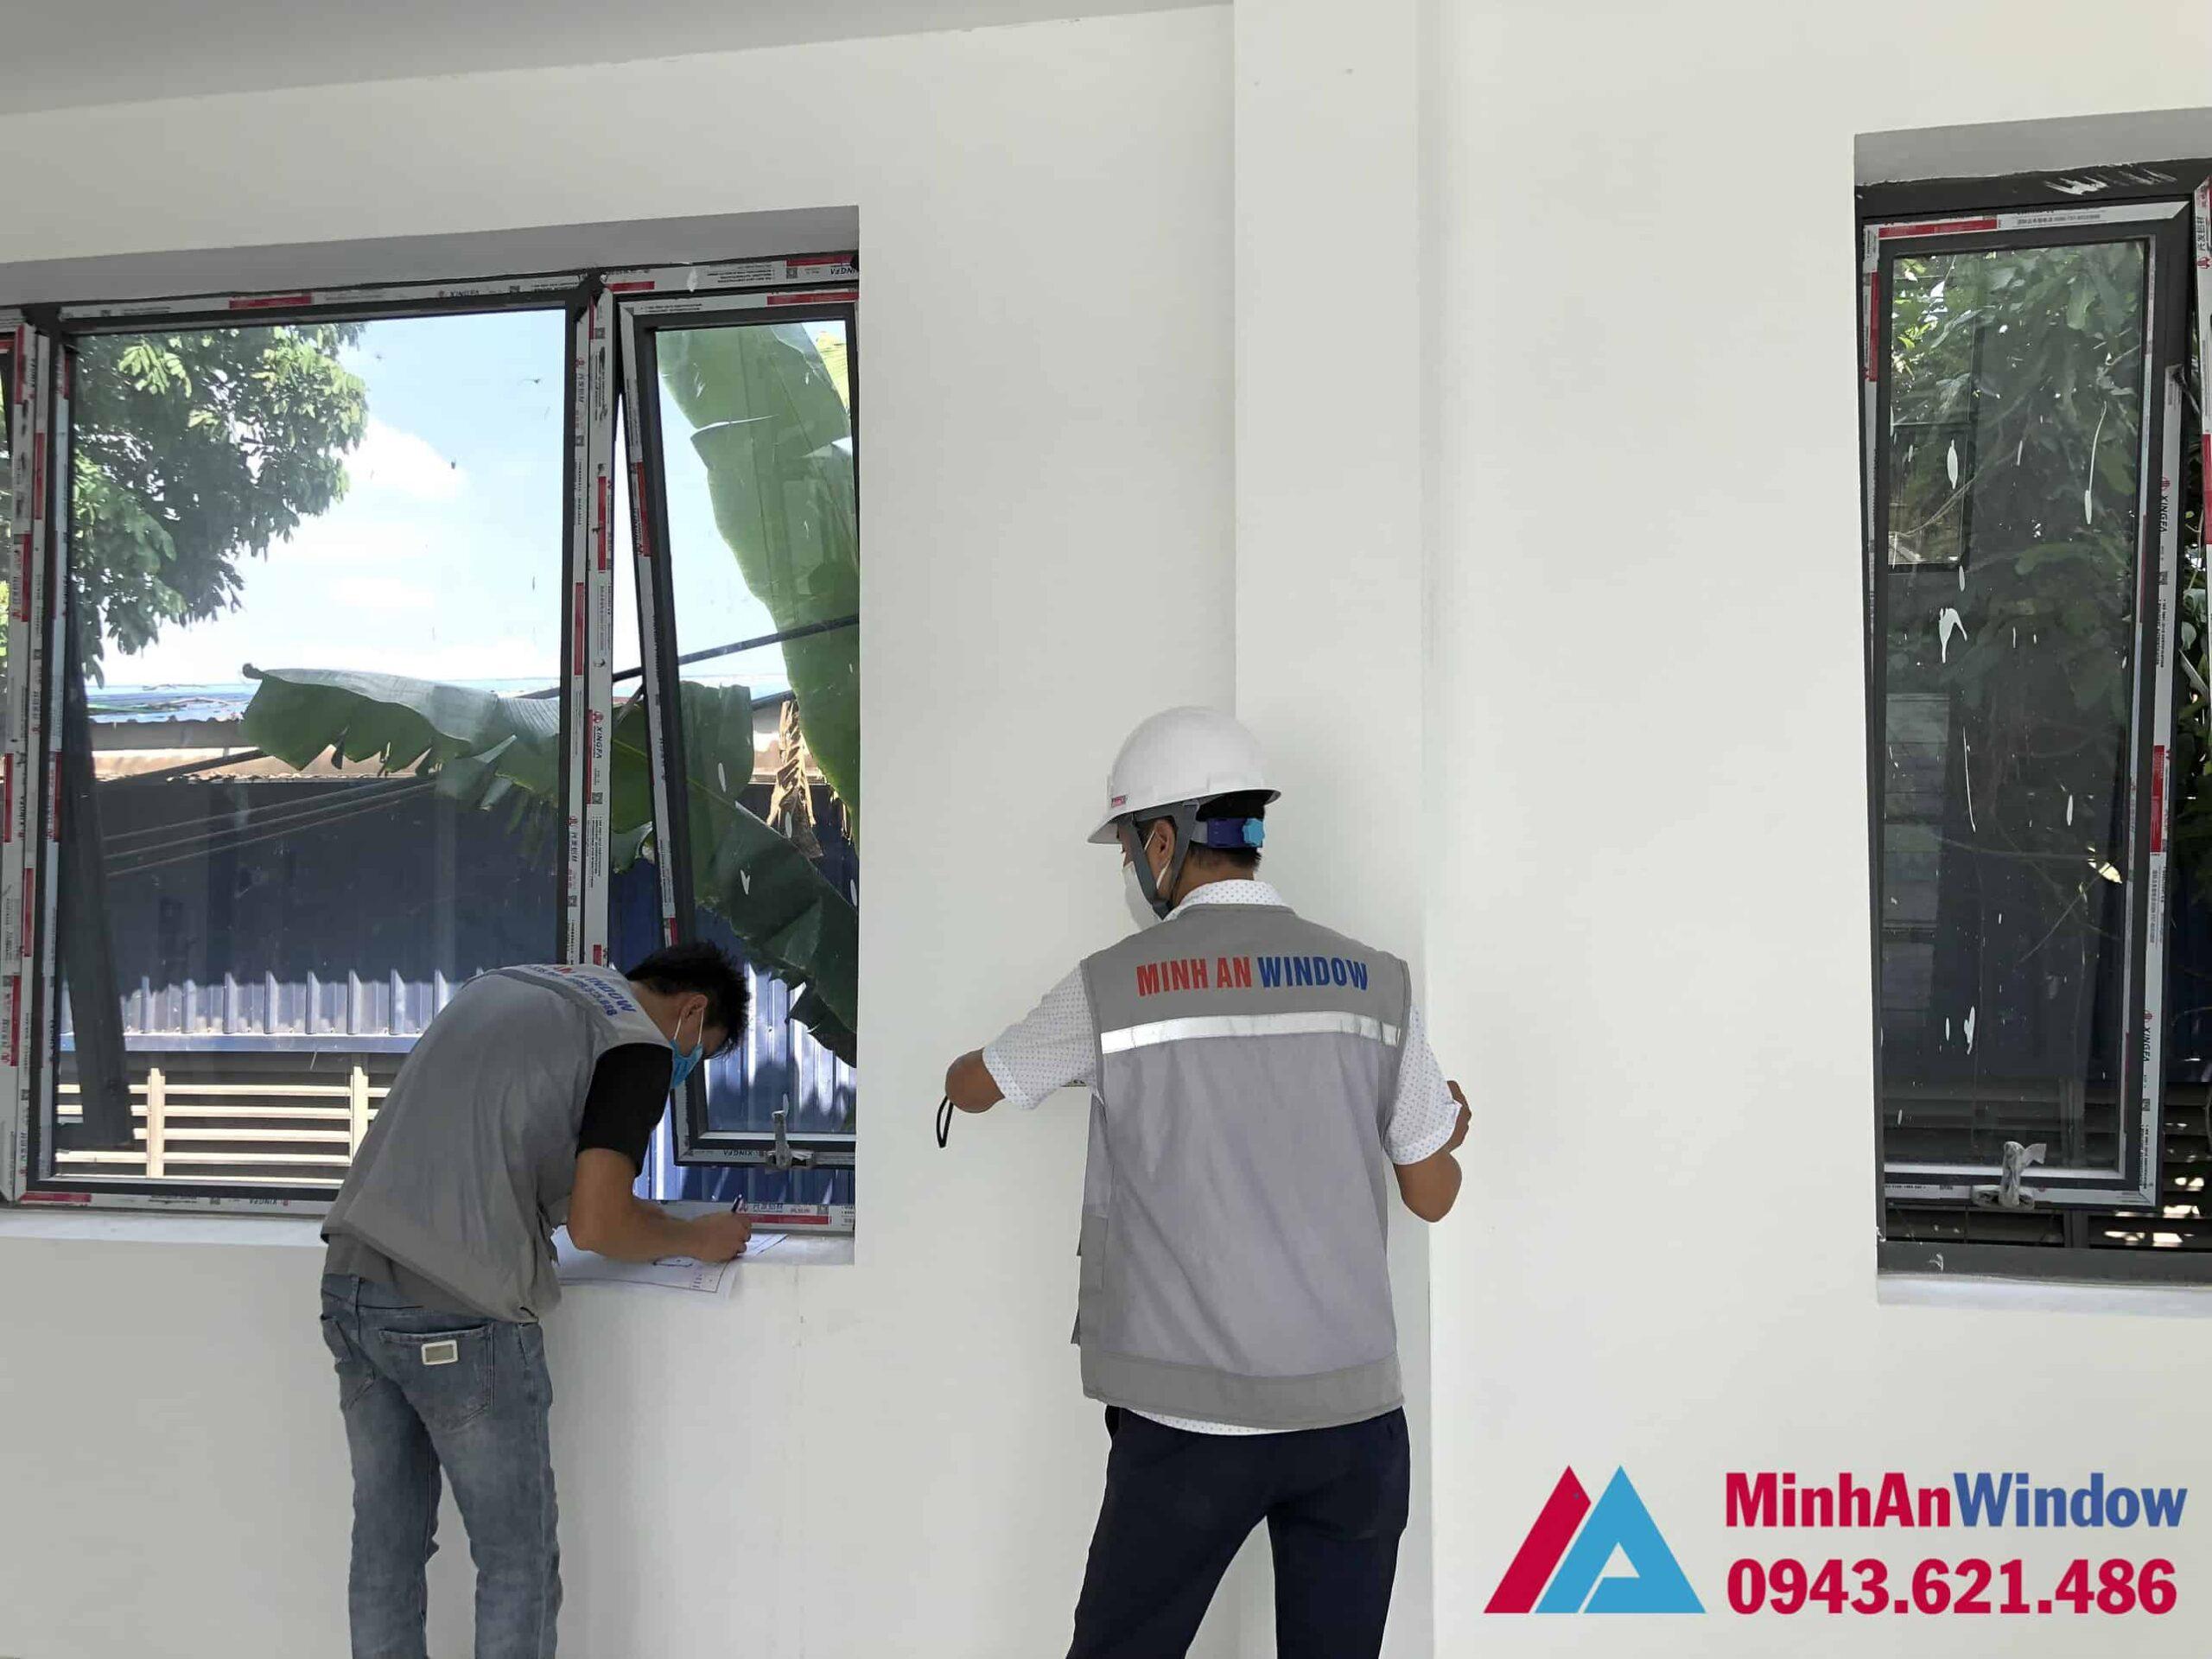 Nhân viên của Minh An Window trực tiếp đến công trình tư vấn, đo đạc, khảo sát